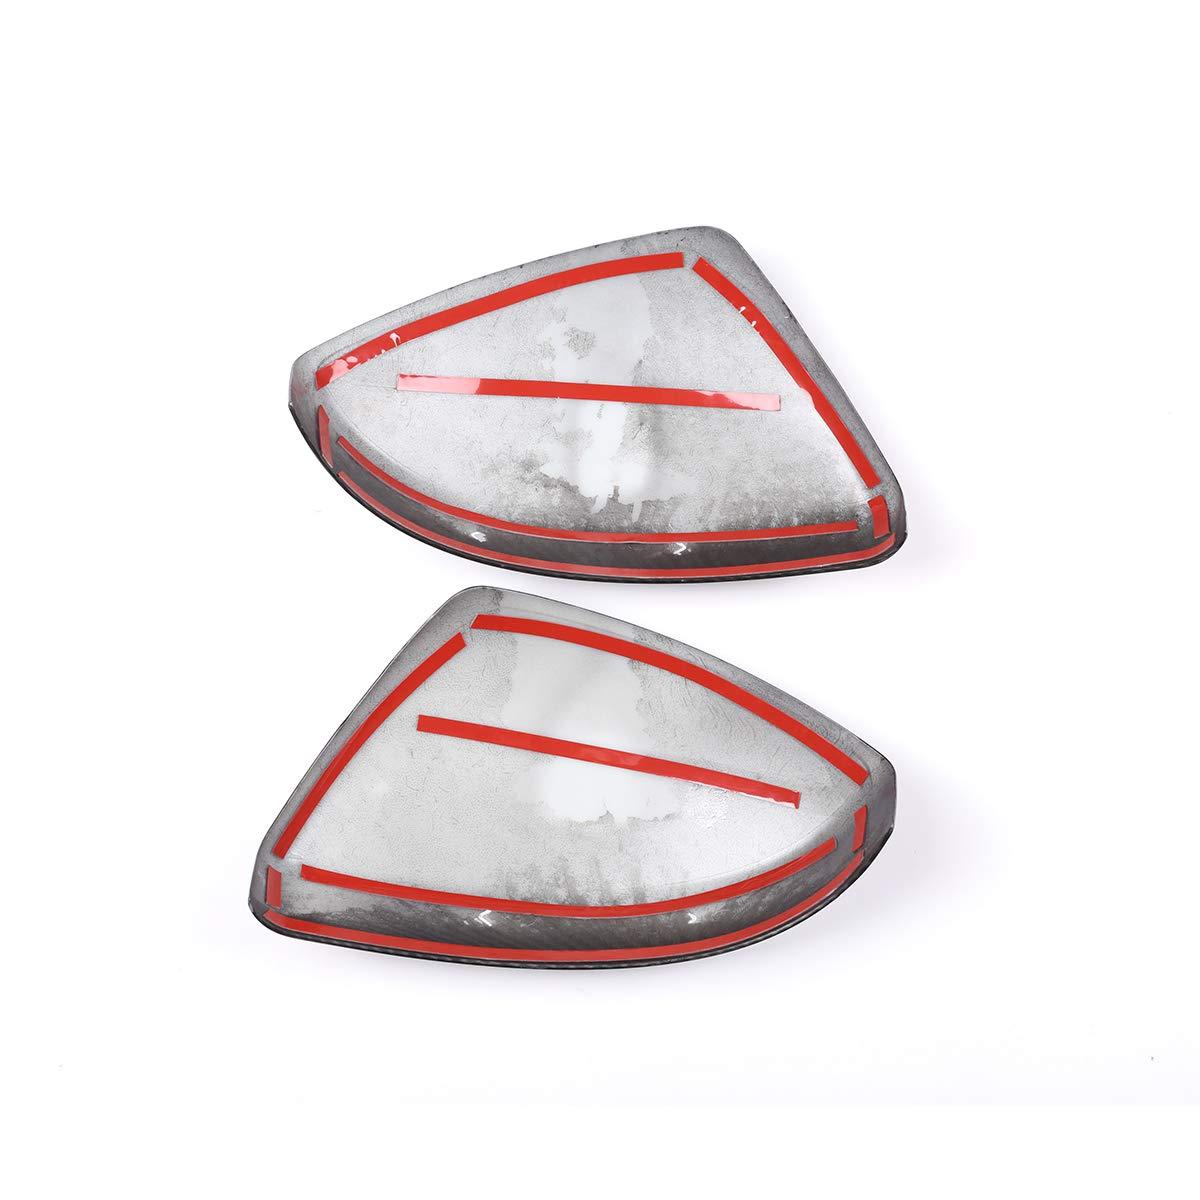 Carbon Faser Stil Seite R/ückspiegel Gap Verkleidung f/ür Discovery Sport 15 18 18/F-pace 17 18/Evoque velarer 16